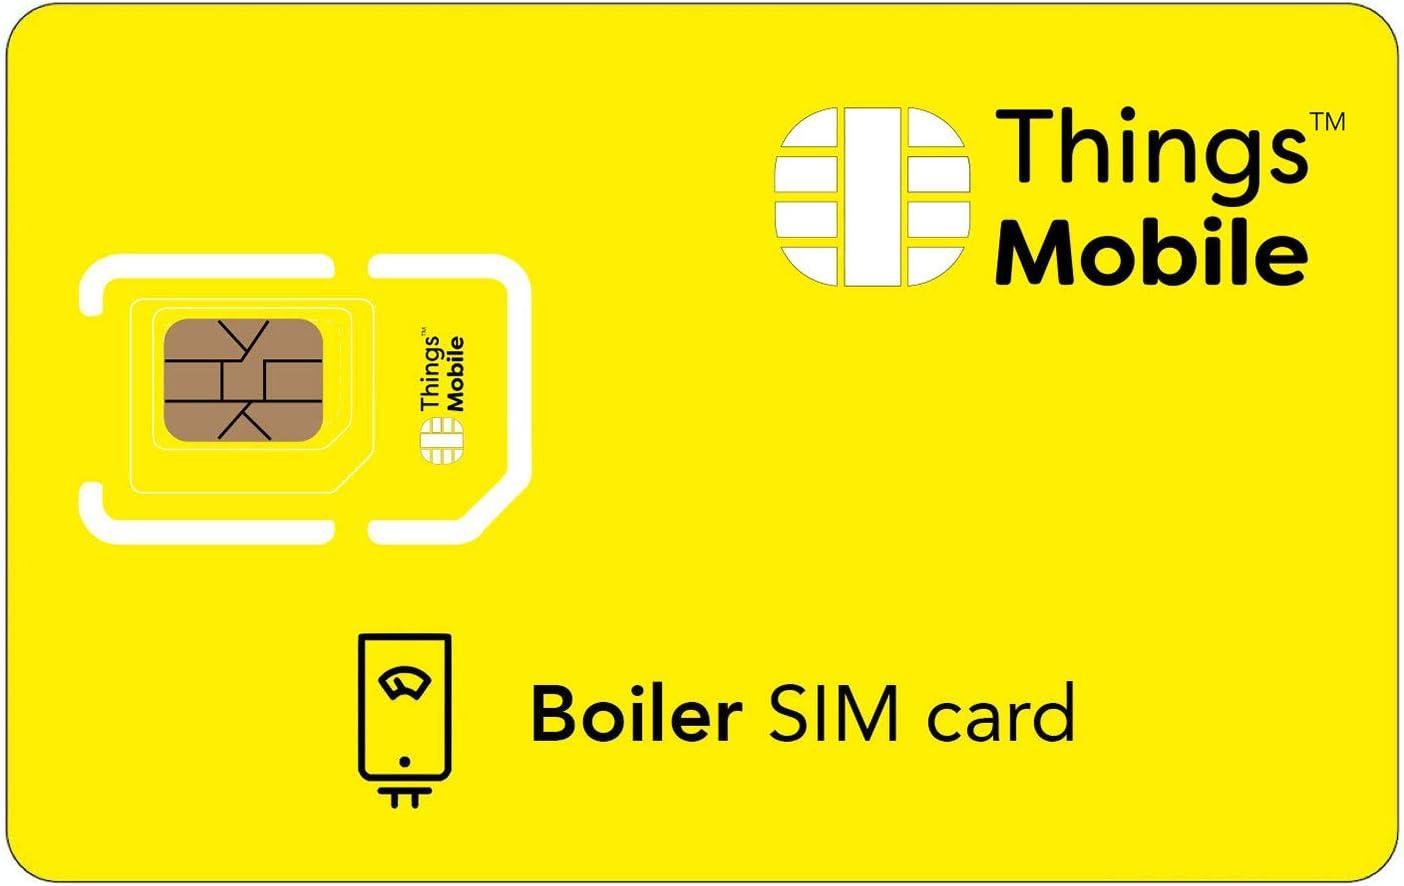 TARJETA SIM para CALDERAS - Things Mobile: Amazon.es: Electrónica